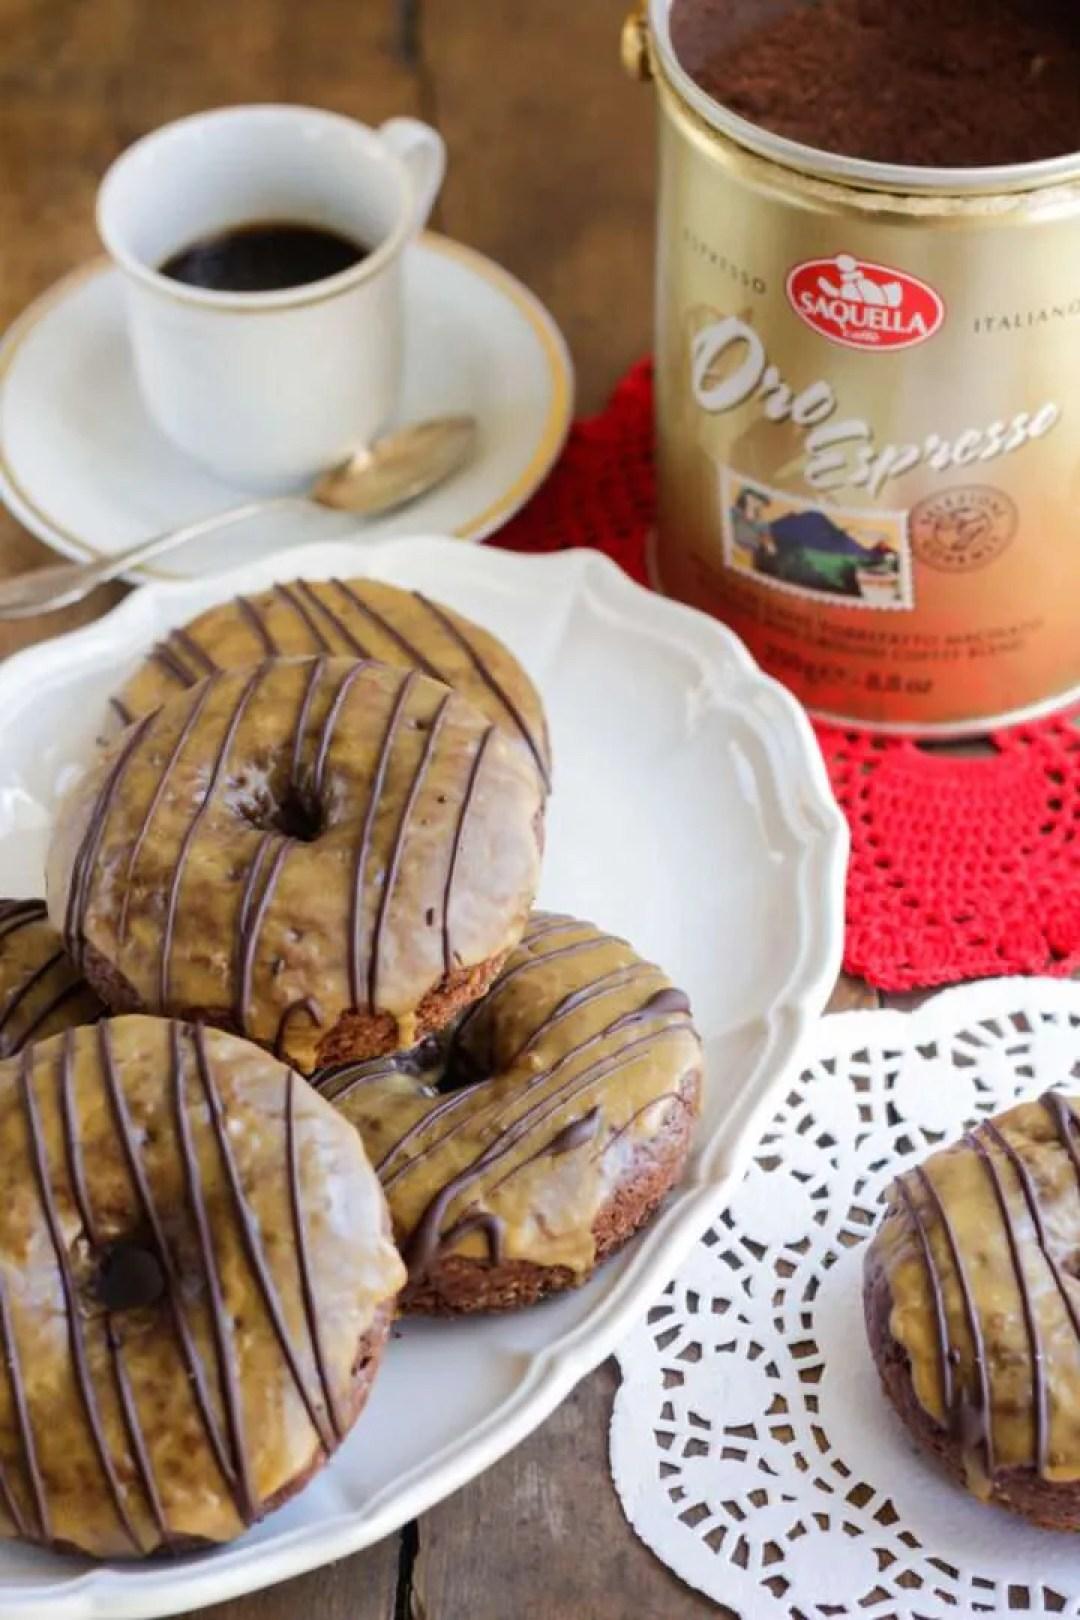 la ricetta dei donuts al cioccolato e caffè